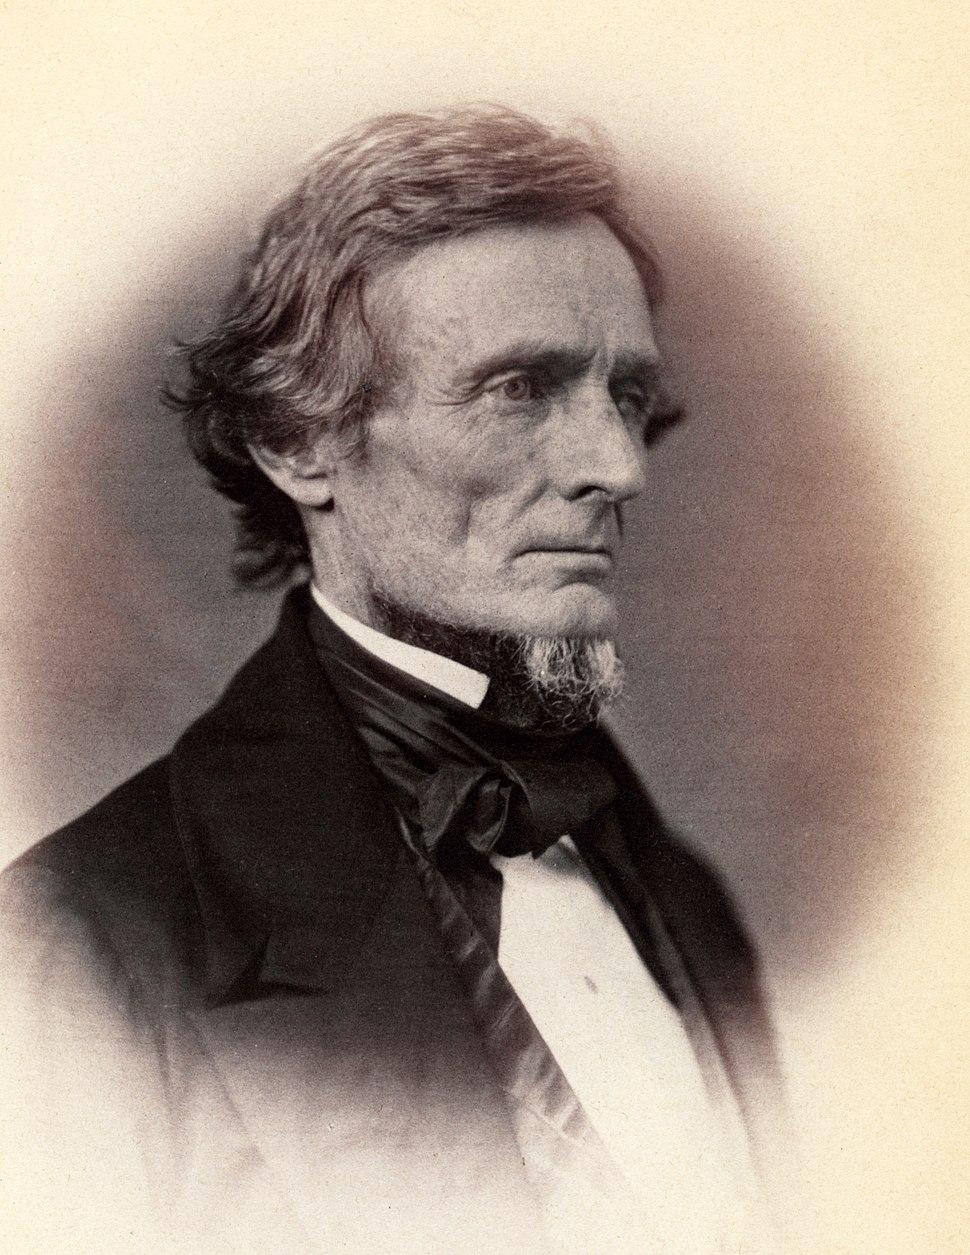 Jefferson Davis by Vannerson, 1859